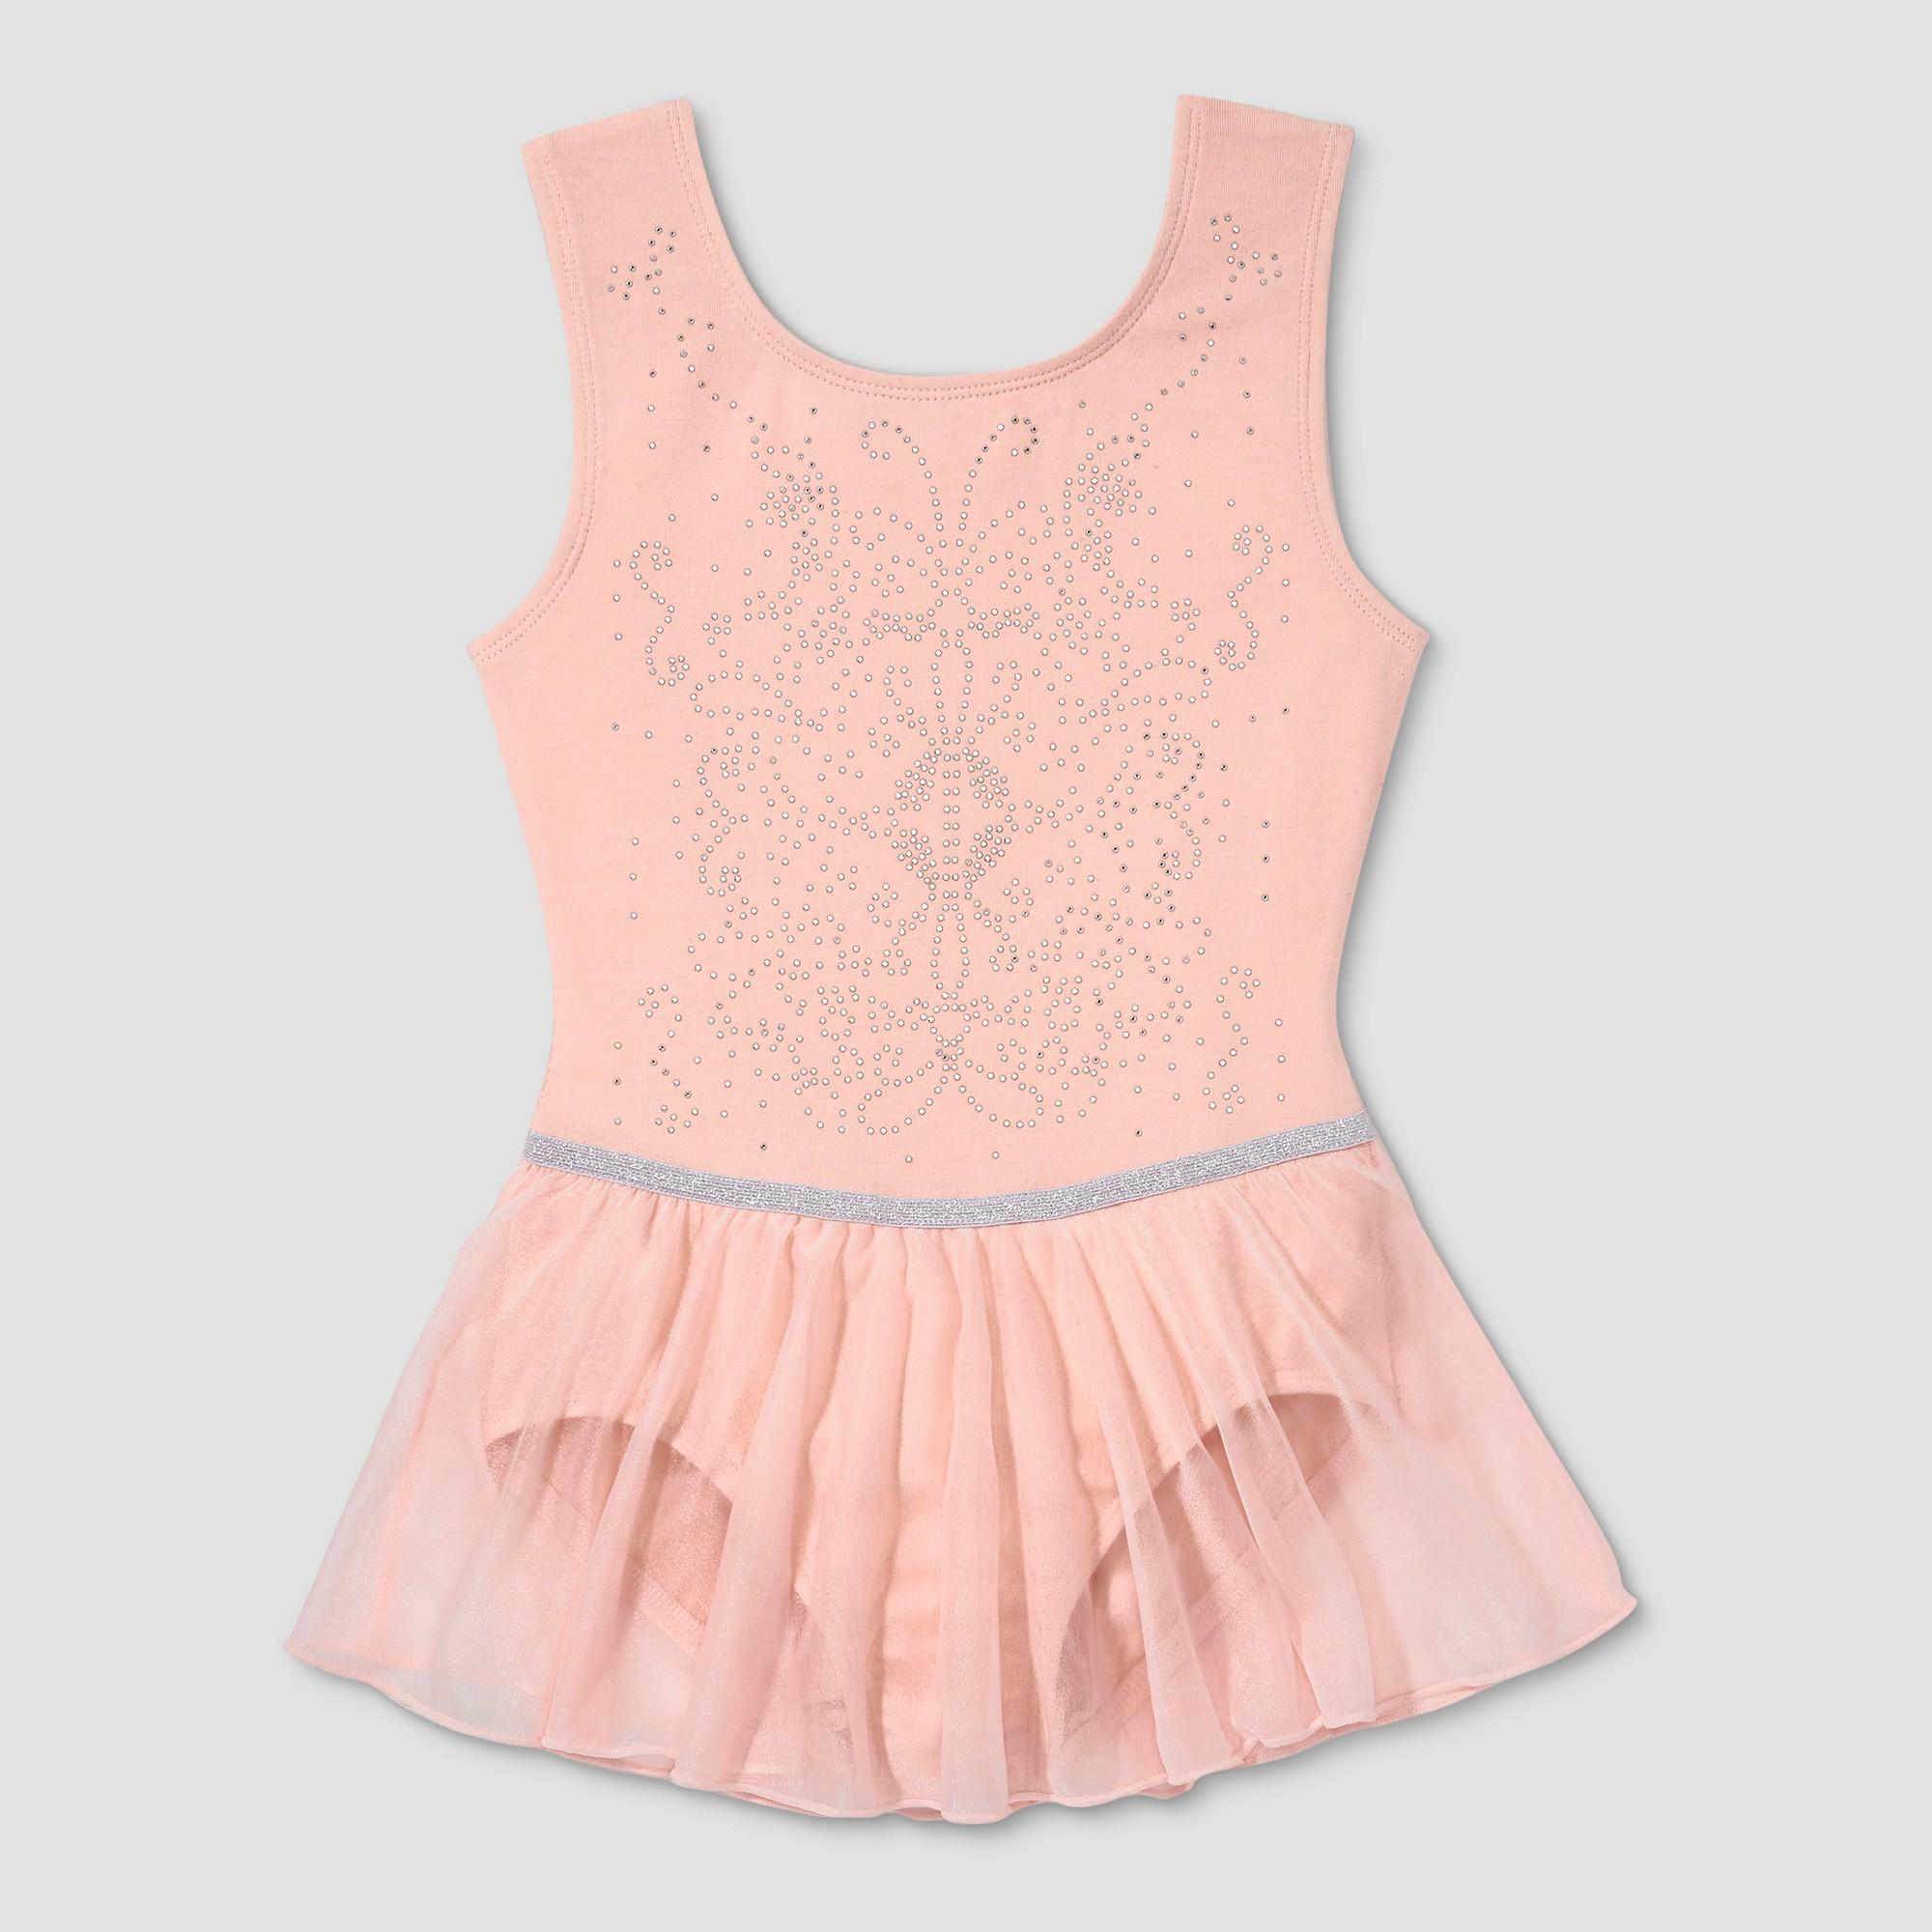 73b6af63e261 Activewear Dresses Freestyle By Danskin 2T Ballet Pink